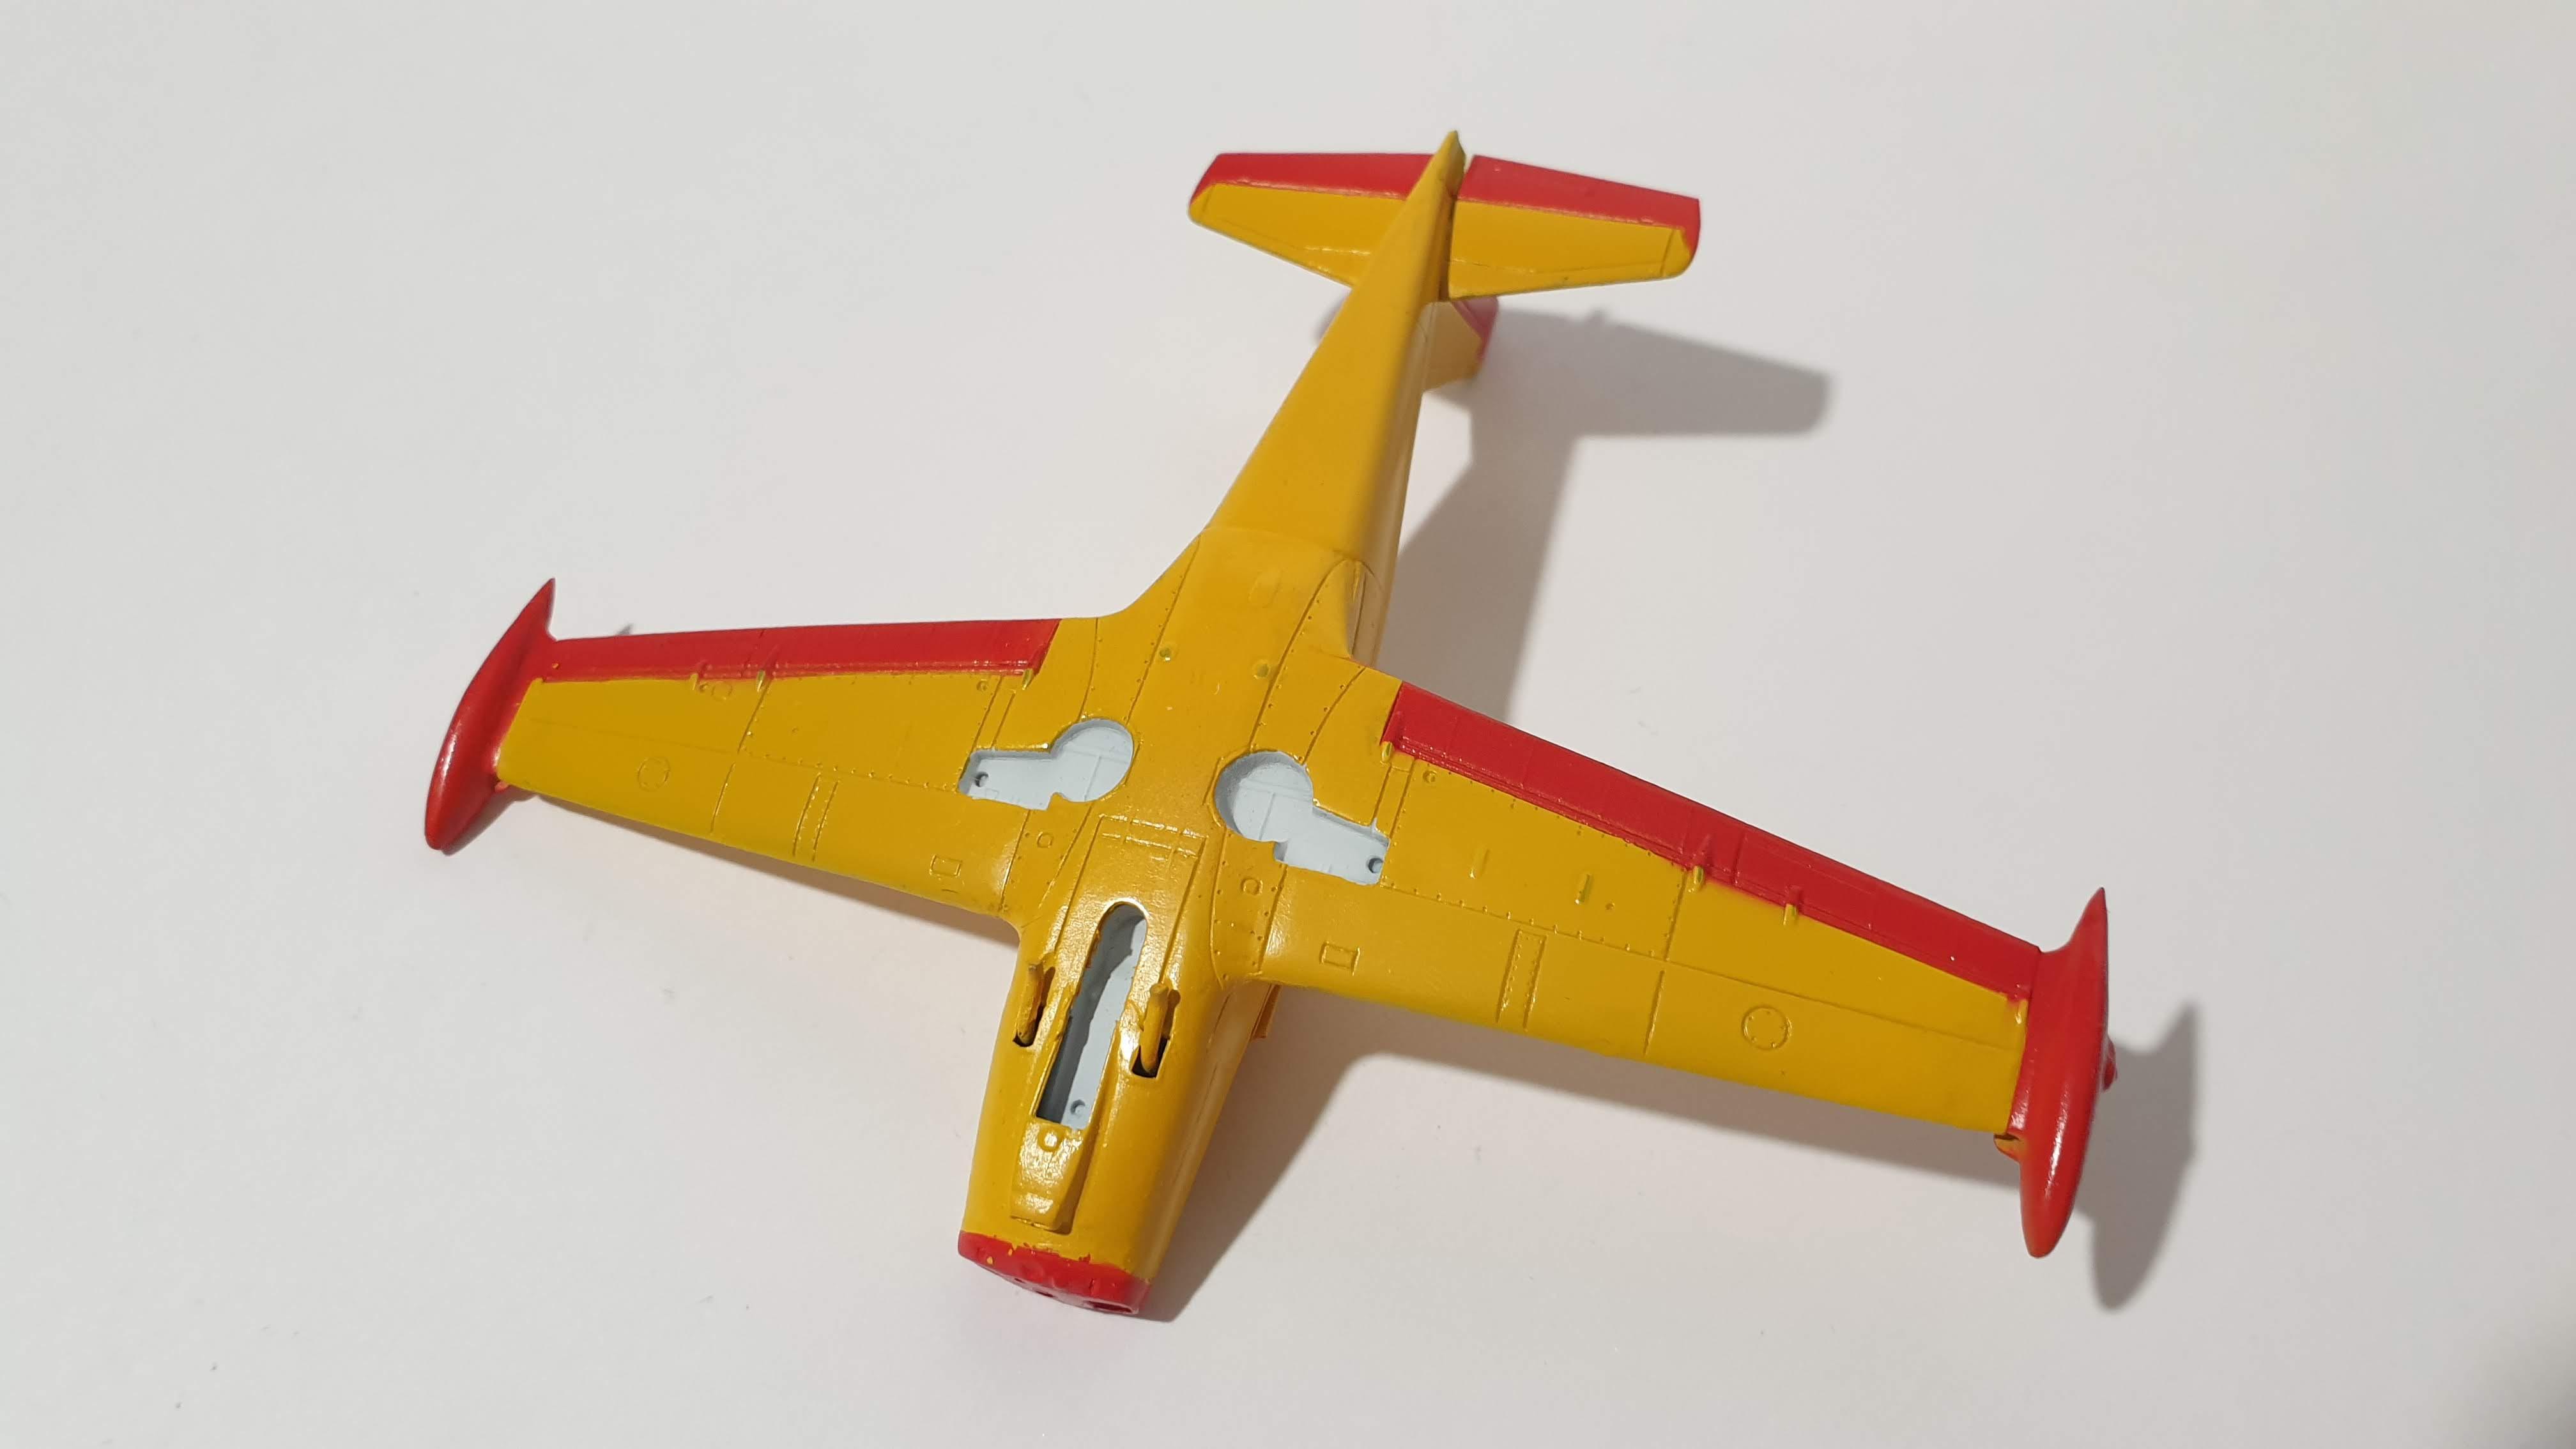 [KP] SIAI Marchetti SF-260D/M  20201204_200942